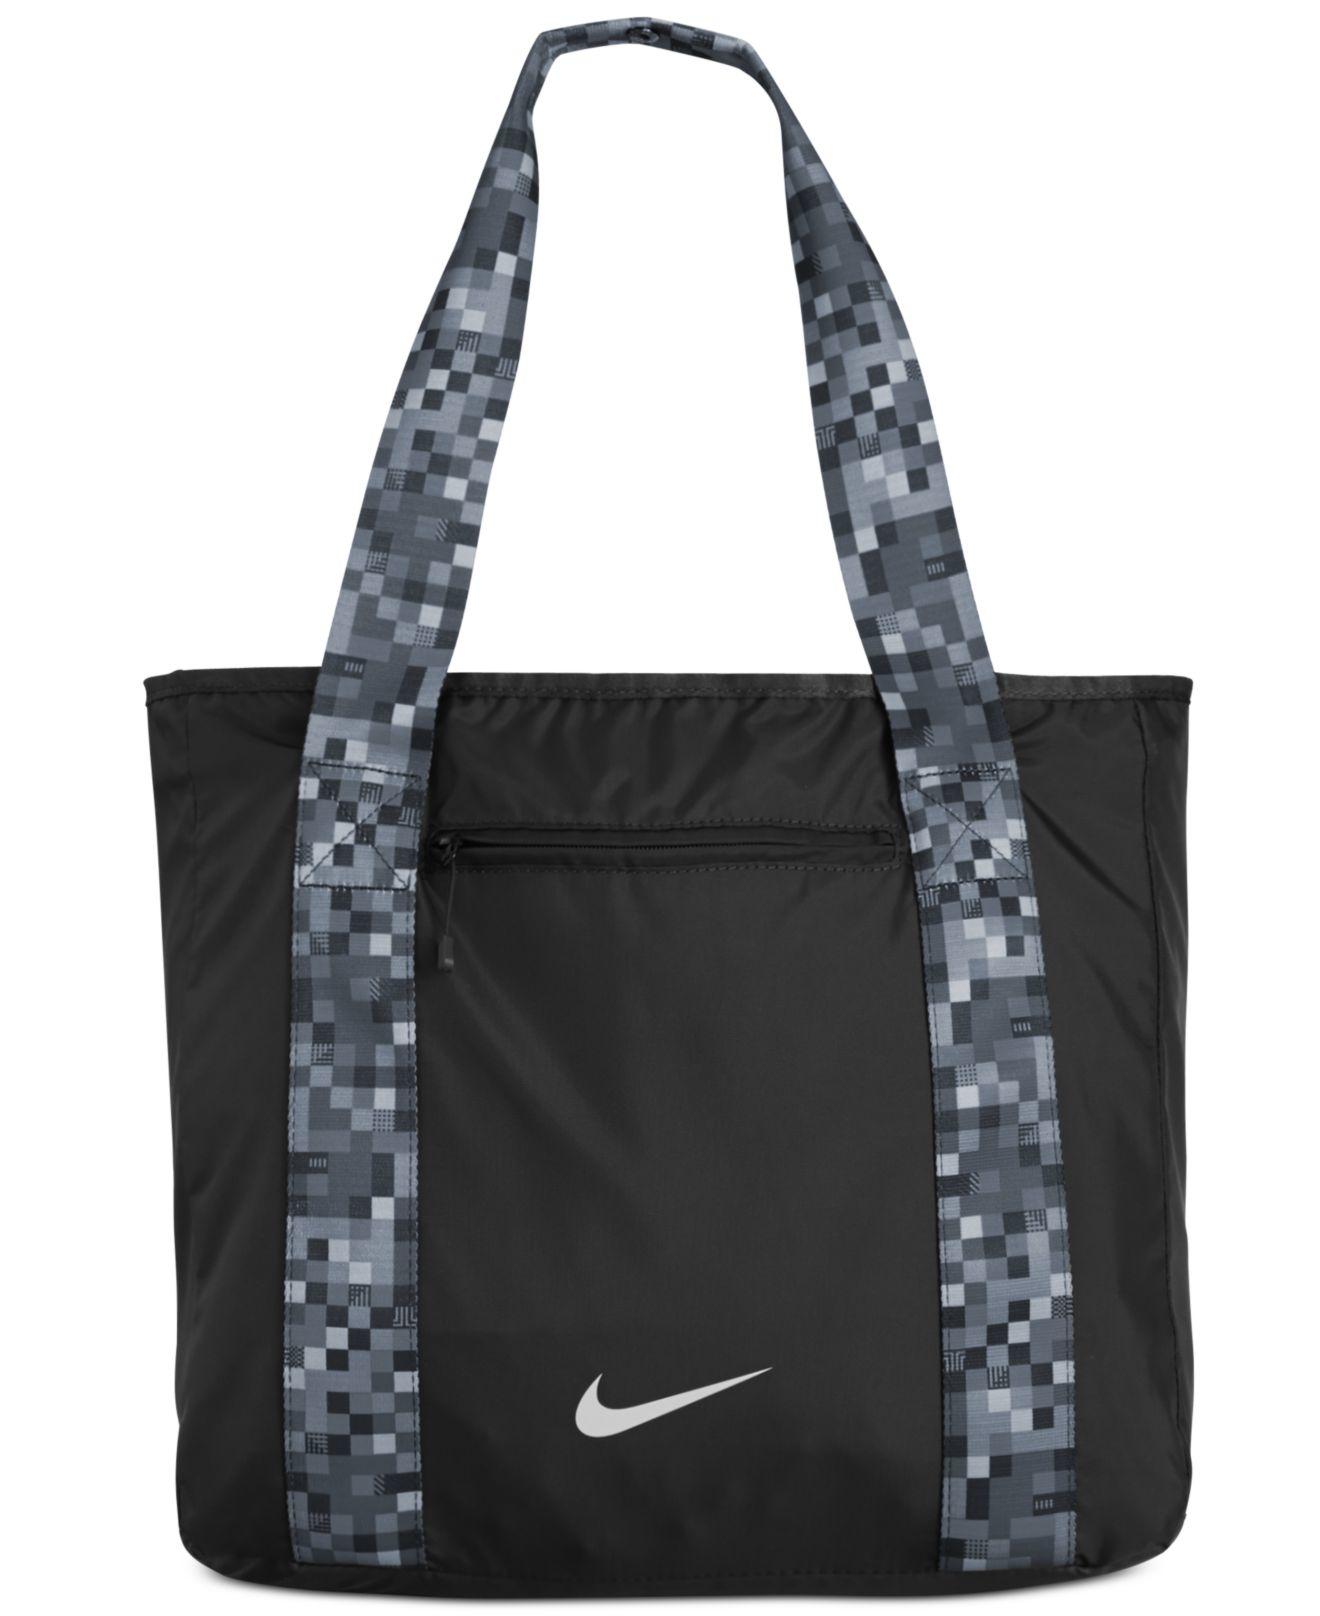 e4c124a04b Lyst - Nike Legend Track Tote Bag in Black